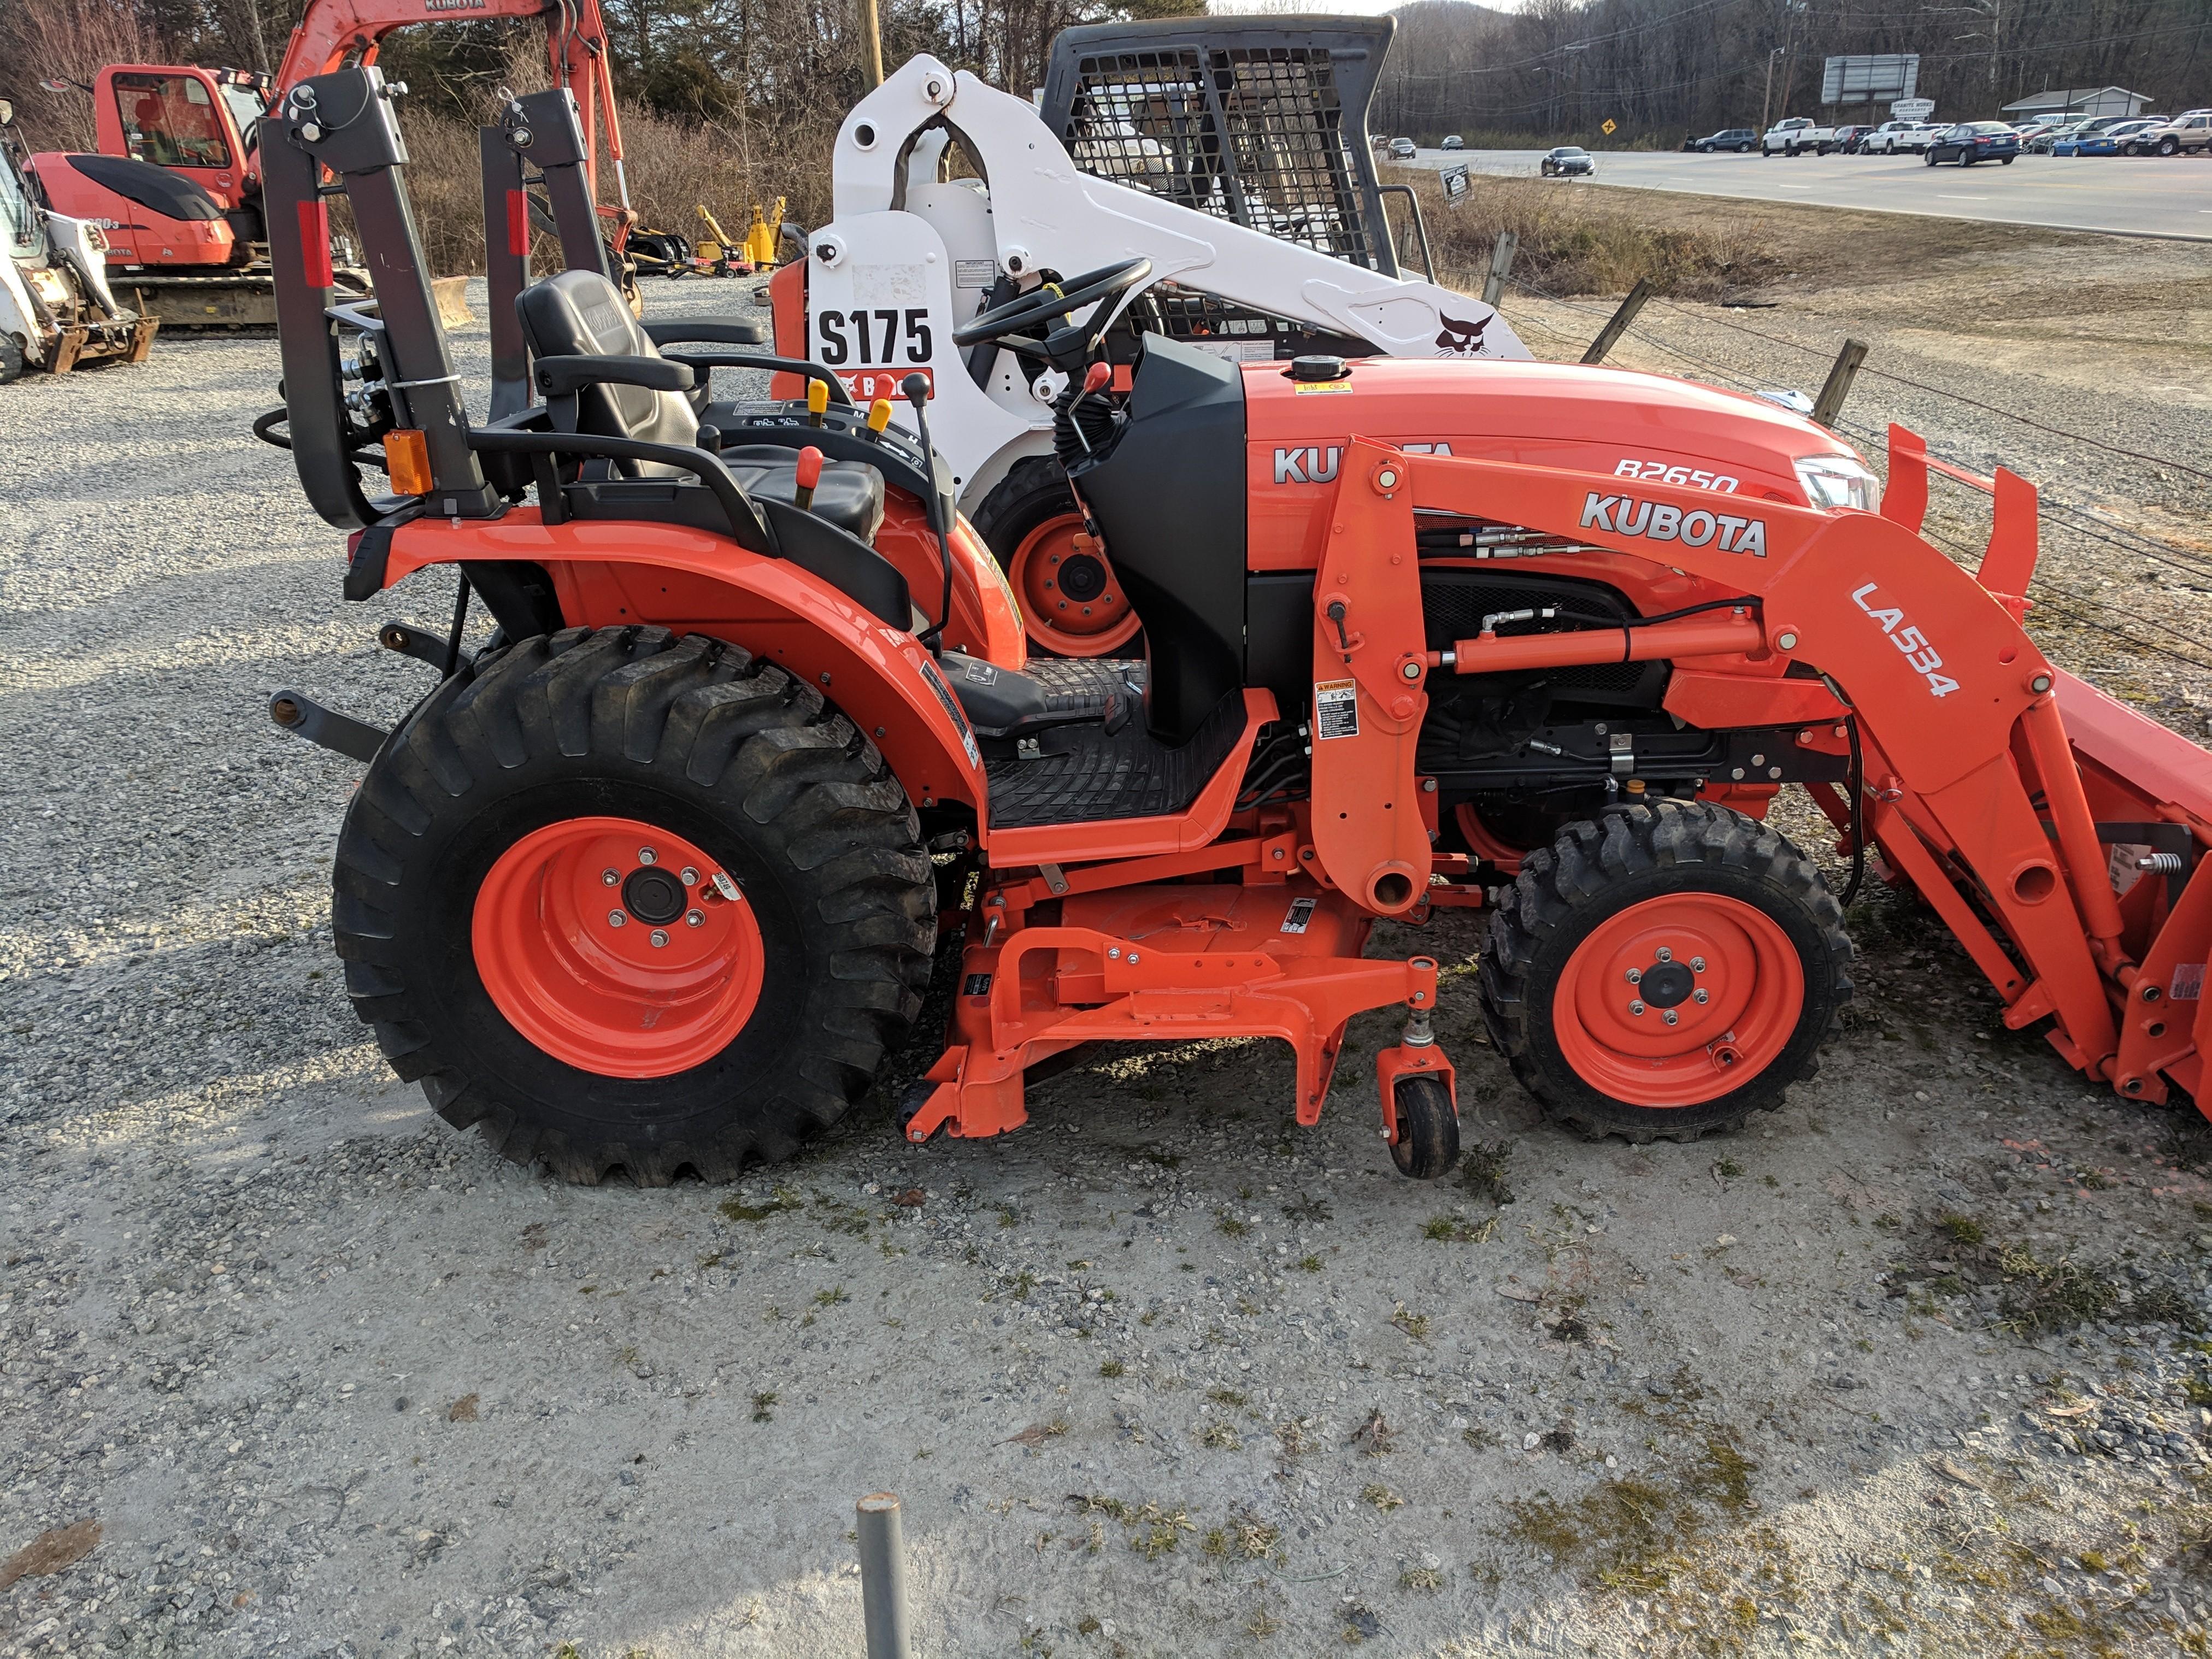 Corriher Tractor